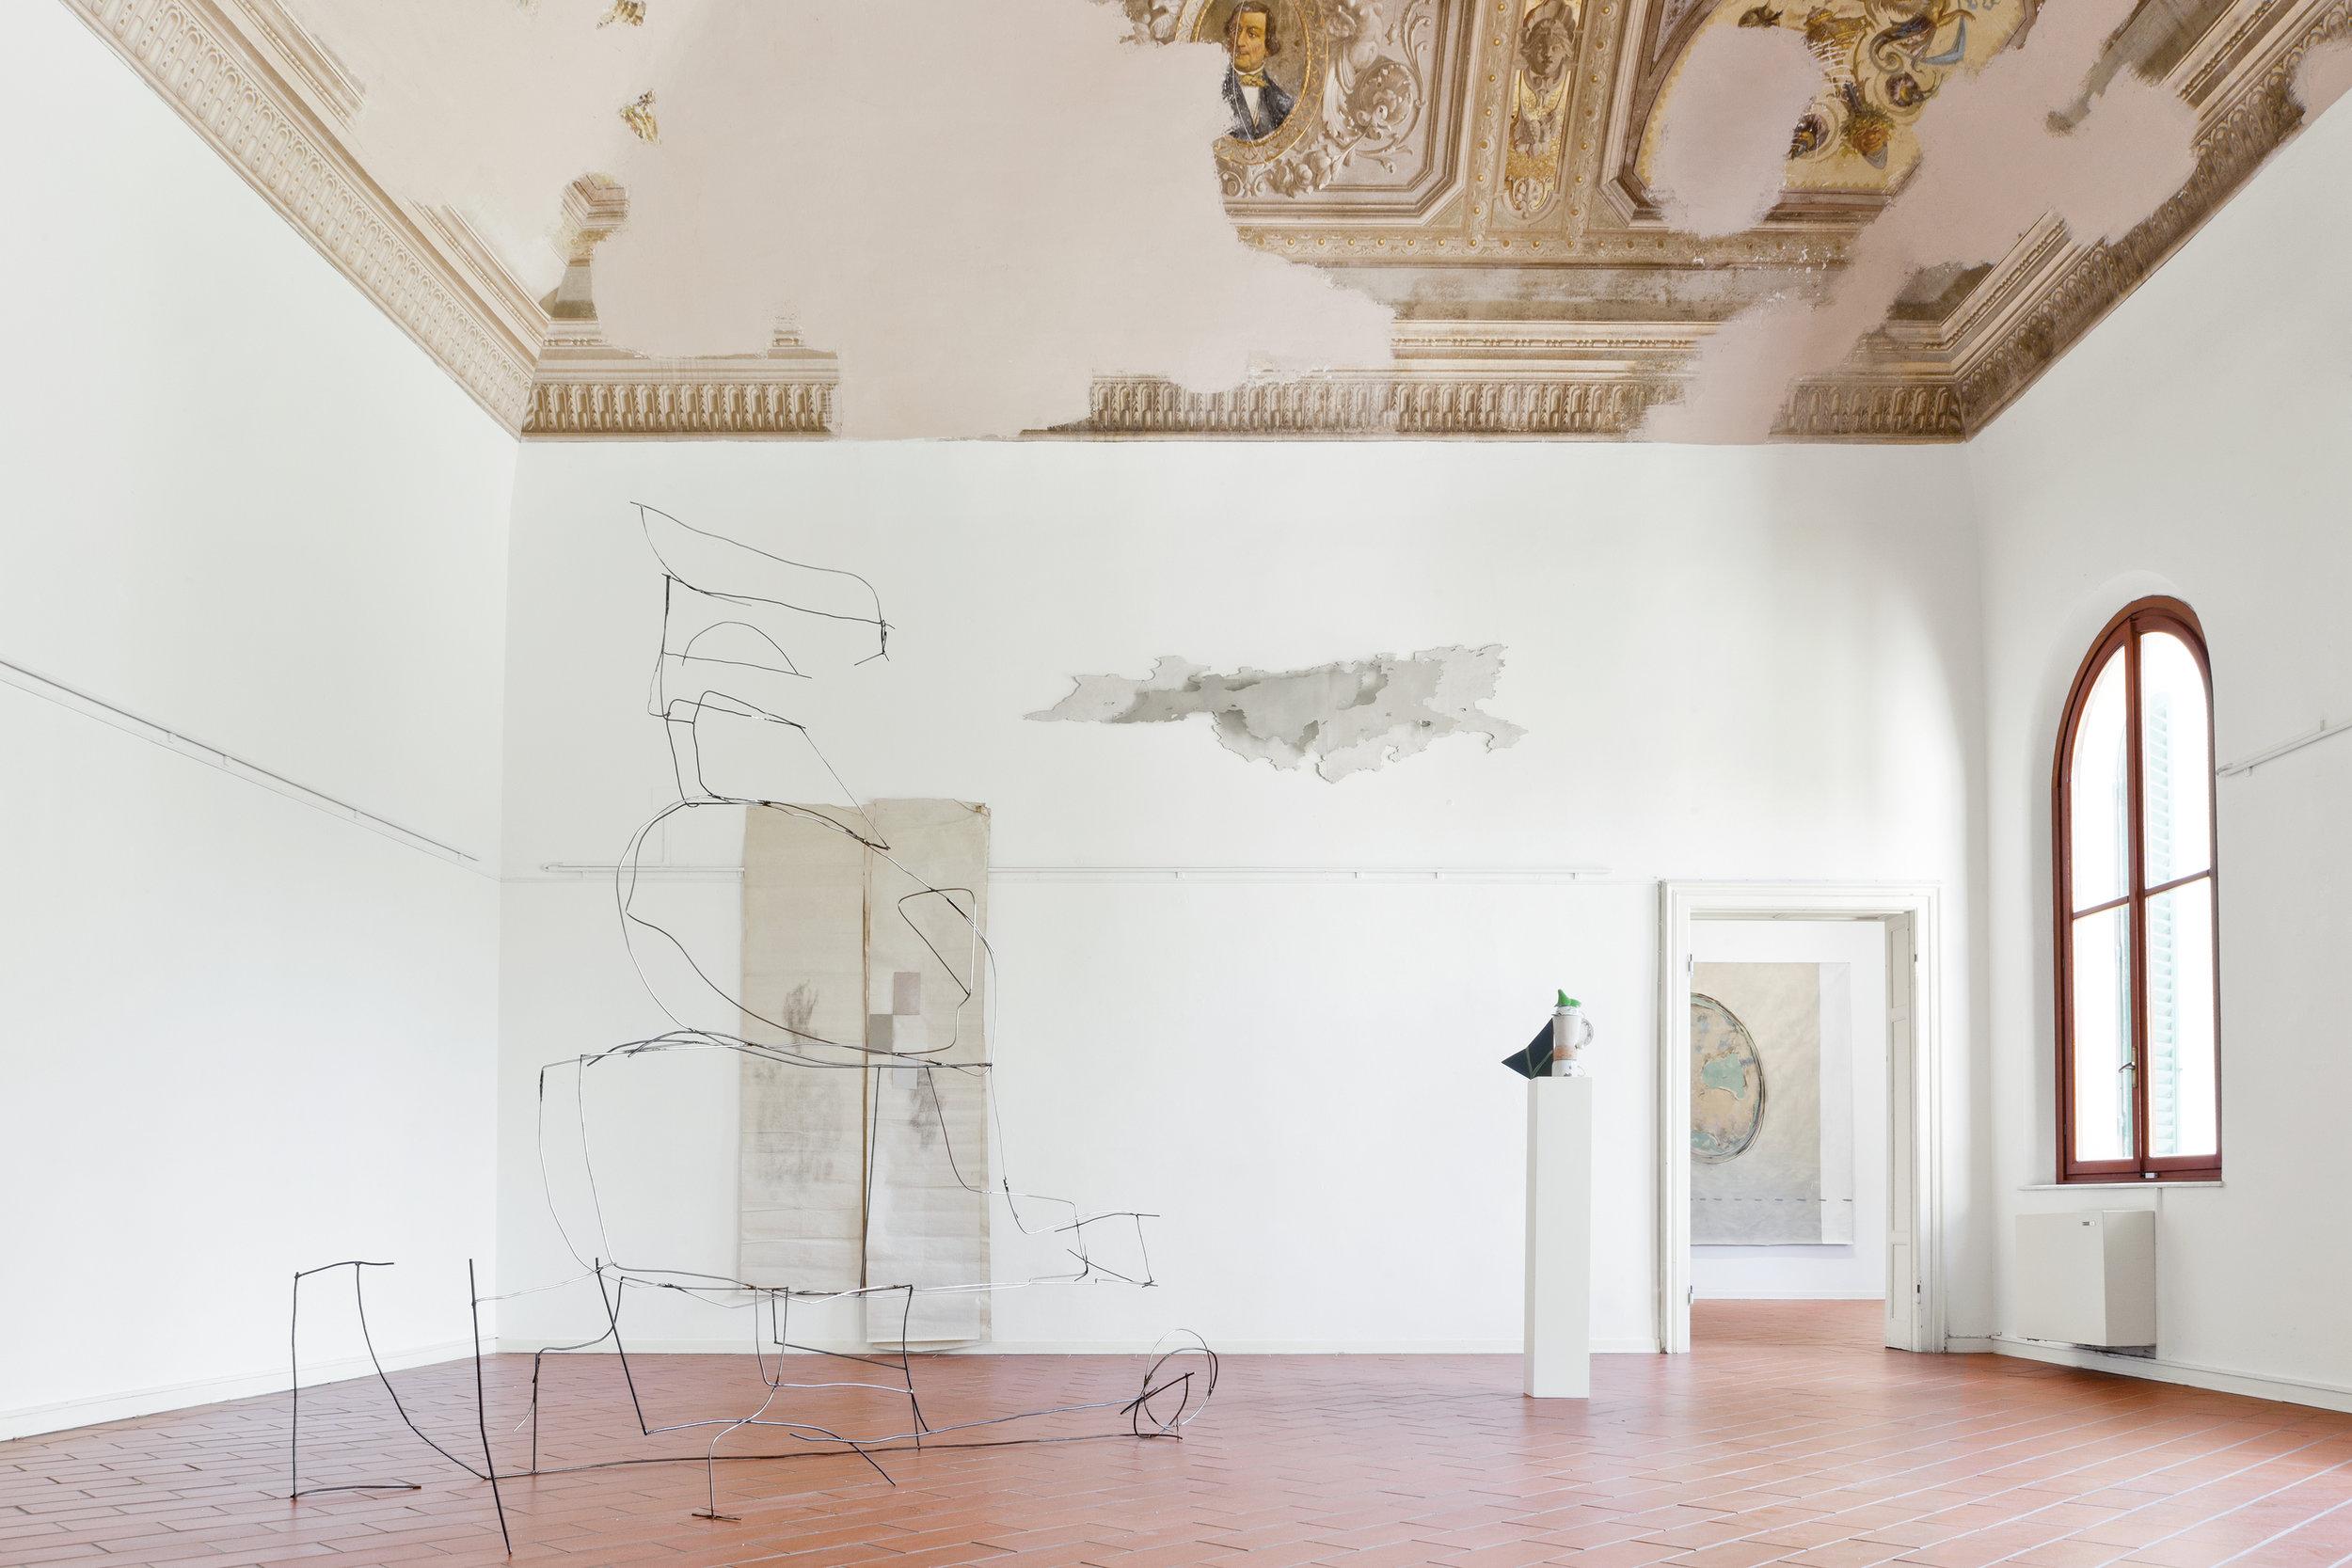 Corpo mobile  2016 - Tondino di ferro - cm 240x270x110 - Vista parziale dell'esposizione  L'attenzione è tessuto novissimo , Villa Pacchiani